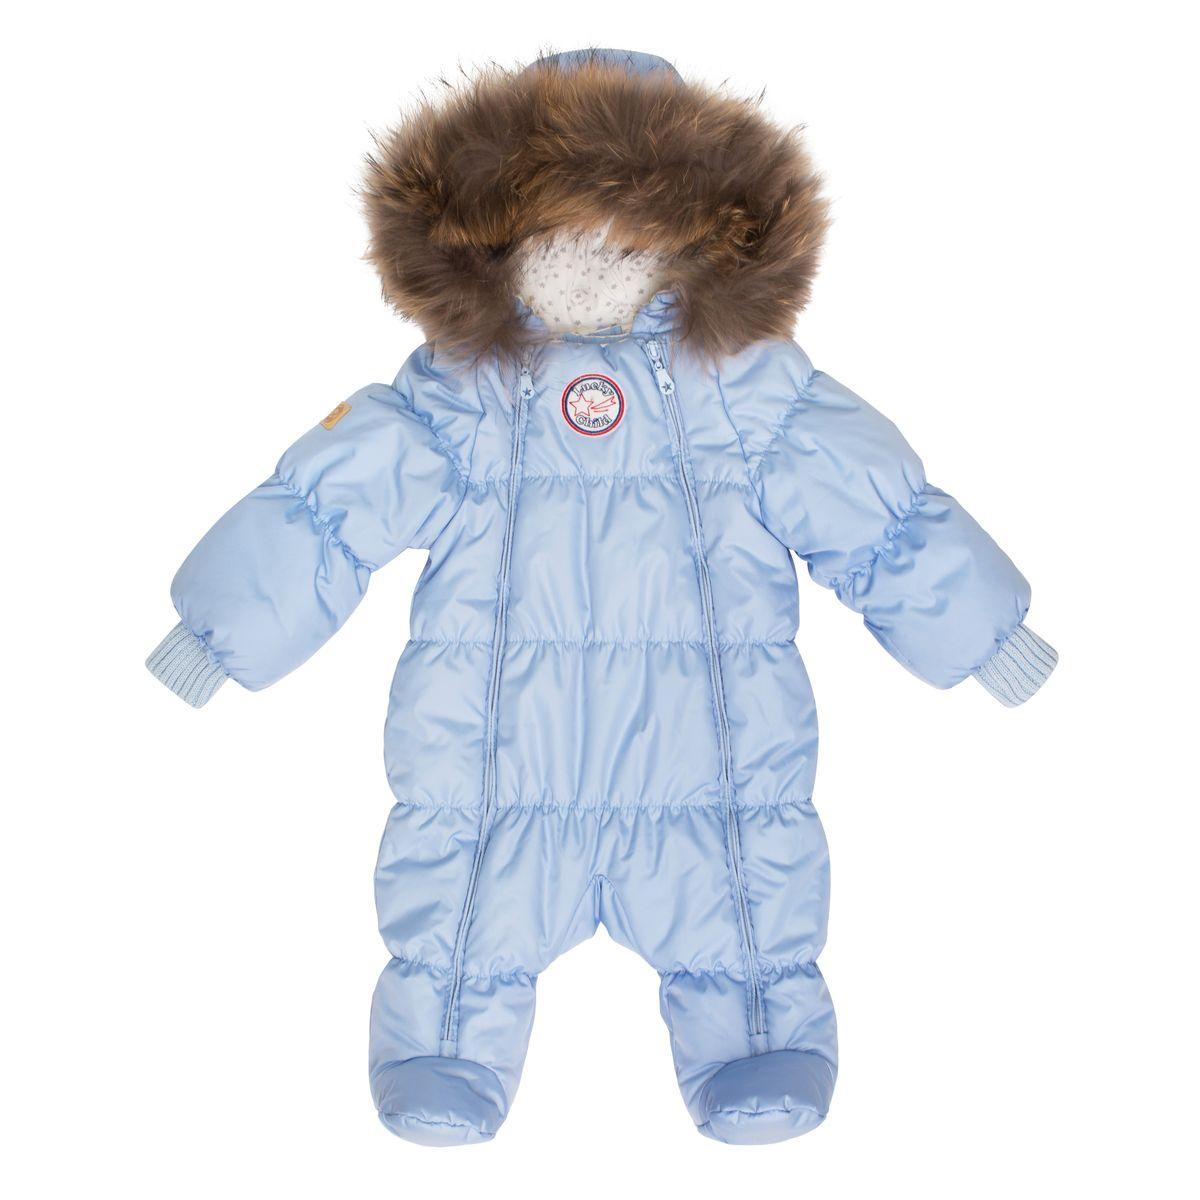 Комбинезон для мальчика Lucky Child, цвет: голубой. В1-2. Размер 74В1-2Неважно, будет ли ваш кроха спать всю прогулку или пойдёт разглядывать снег, ему будет удобно в этом тёплом и лёгком комбинезоне. Сверху - качественная курточная ткань с влагостойкой пропиткой, внутри - наполнитель Isosoft и трикотажная подкладка с воздухопроницаемыми и водоотводными свойствами. Удобная двойная молния позволяет легко одеть и раздеть ребёнка или просто поменять подгузник и продолжить прогулку при температуре до -30°. Ручки младенца можно легко спрятать в отворачивающуюся варежку. Капюшон оторочен натуральным мехом енота.